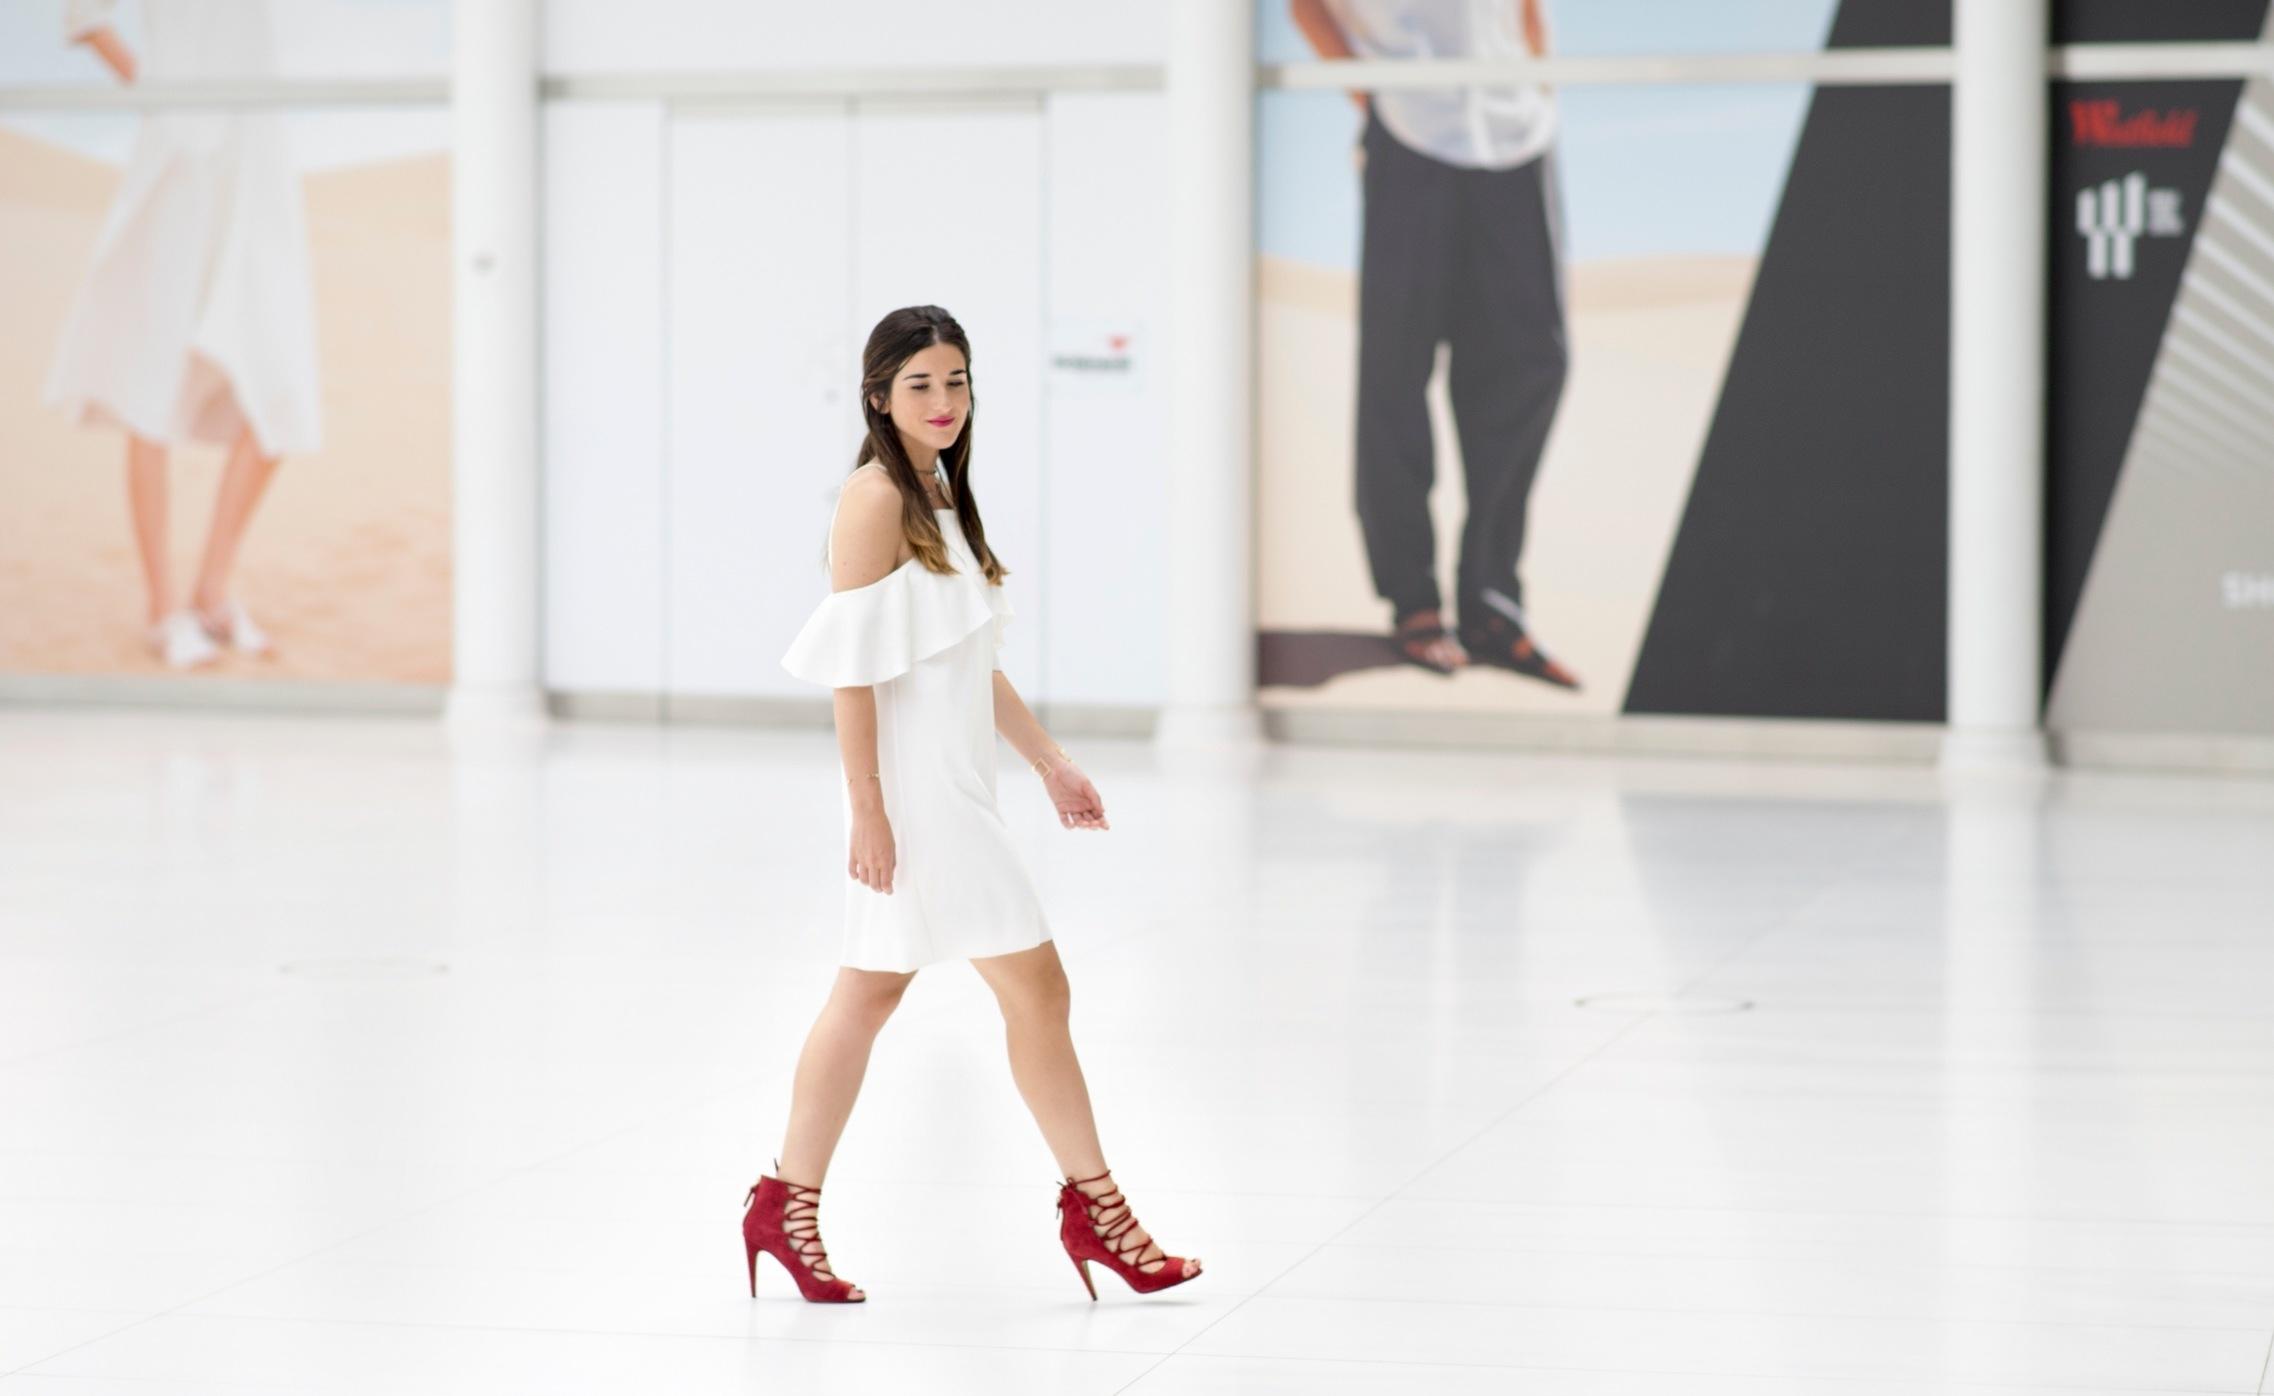 37b0abafad9 Cold Shoulder White Dress + Red Heels — Esther Santer